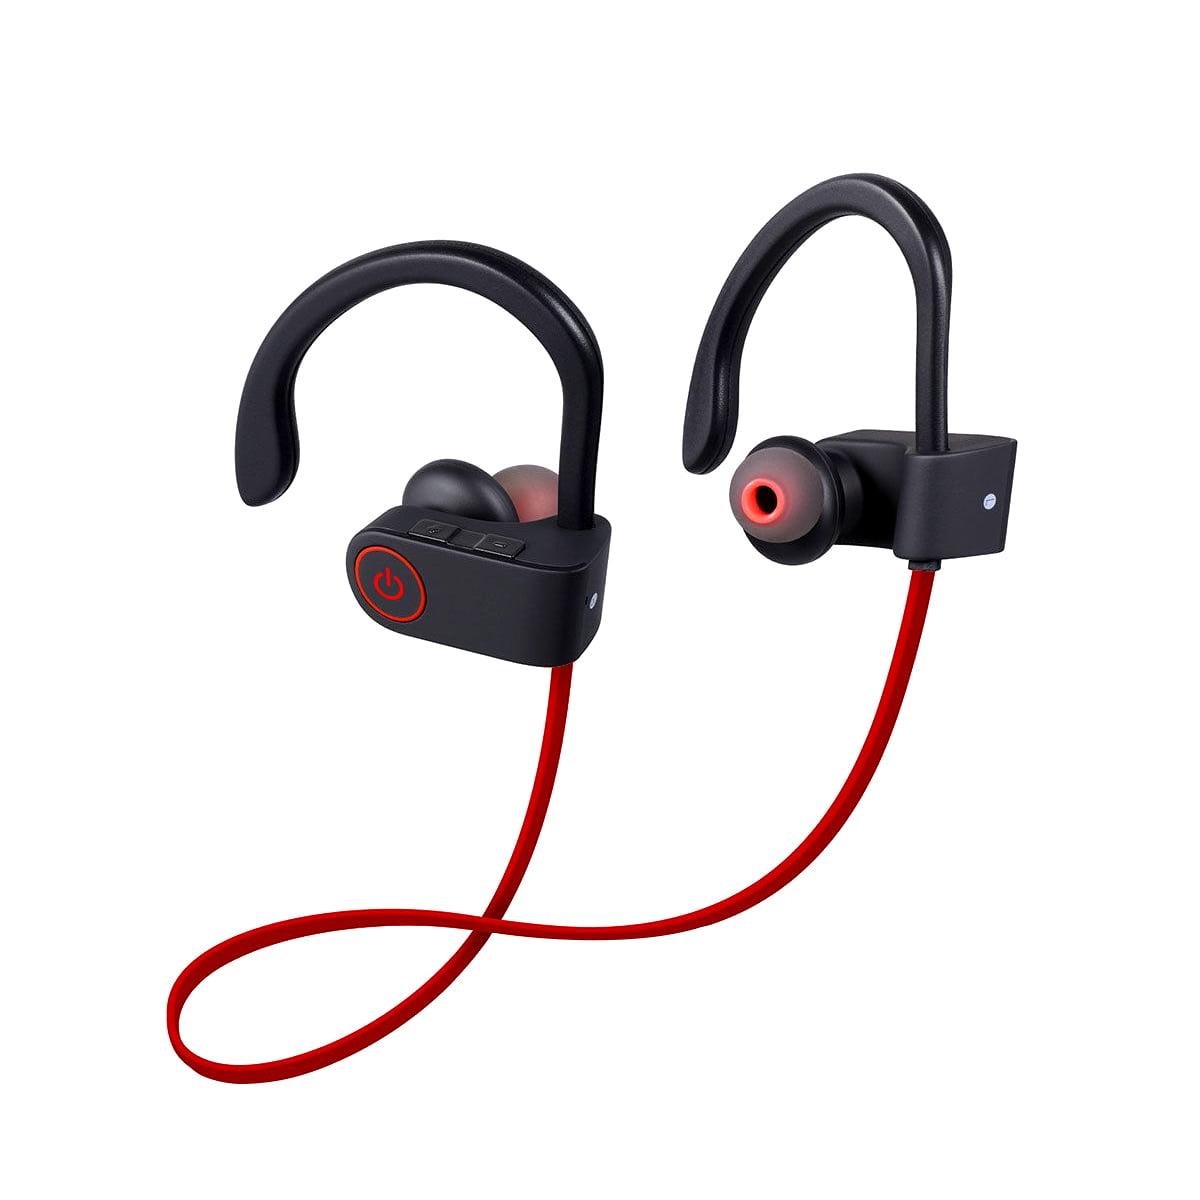 Bluetooth earphones pixel 2 - earphones bluetooth earbuds